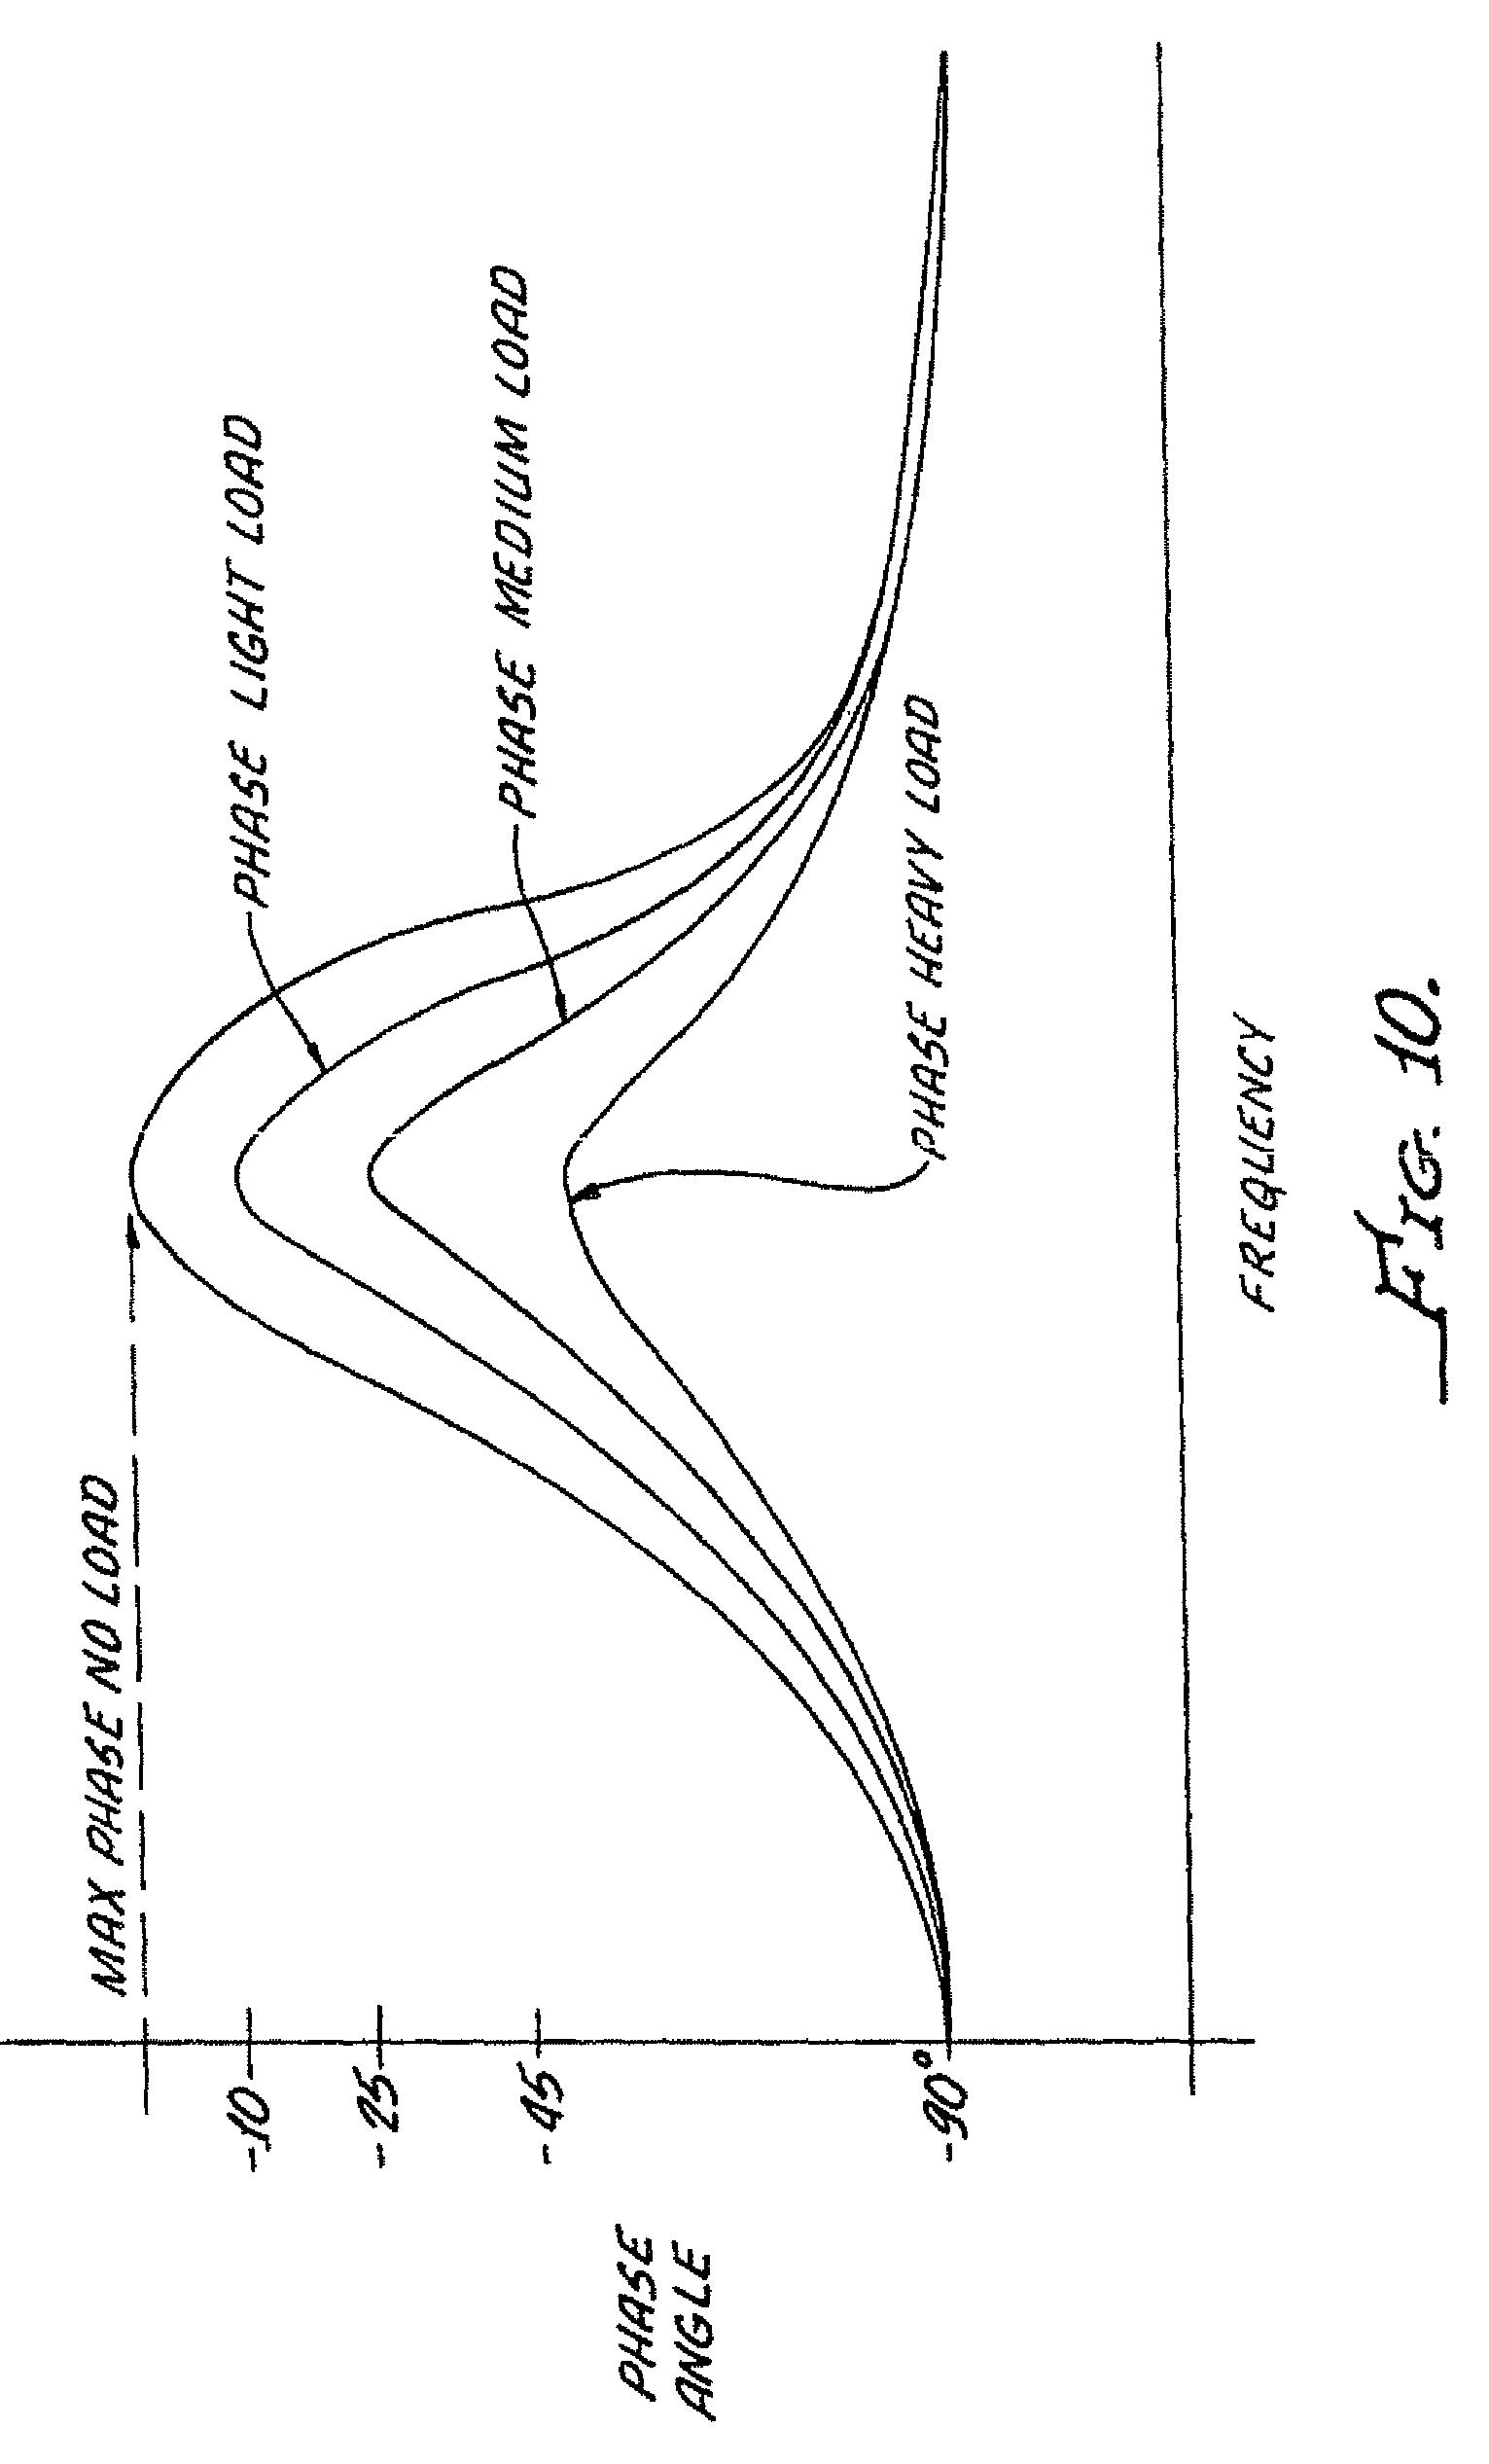 patent us8195286